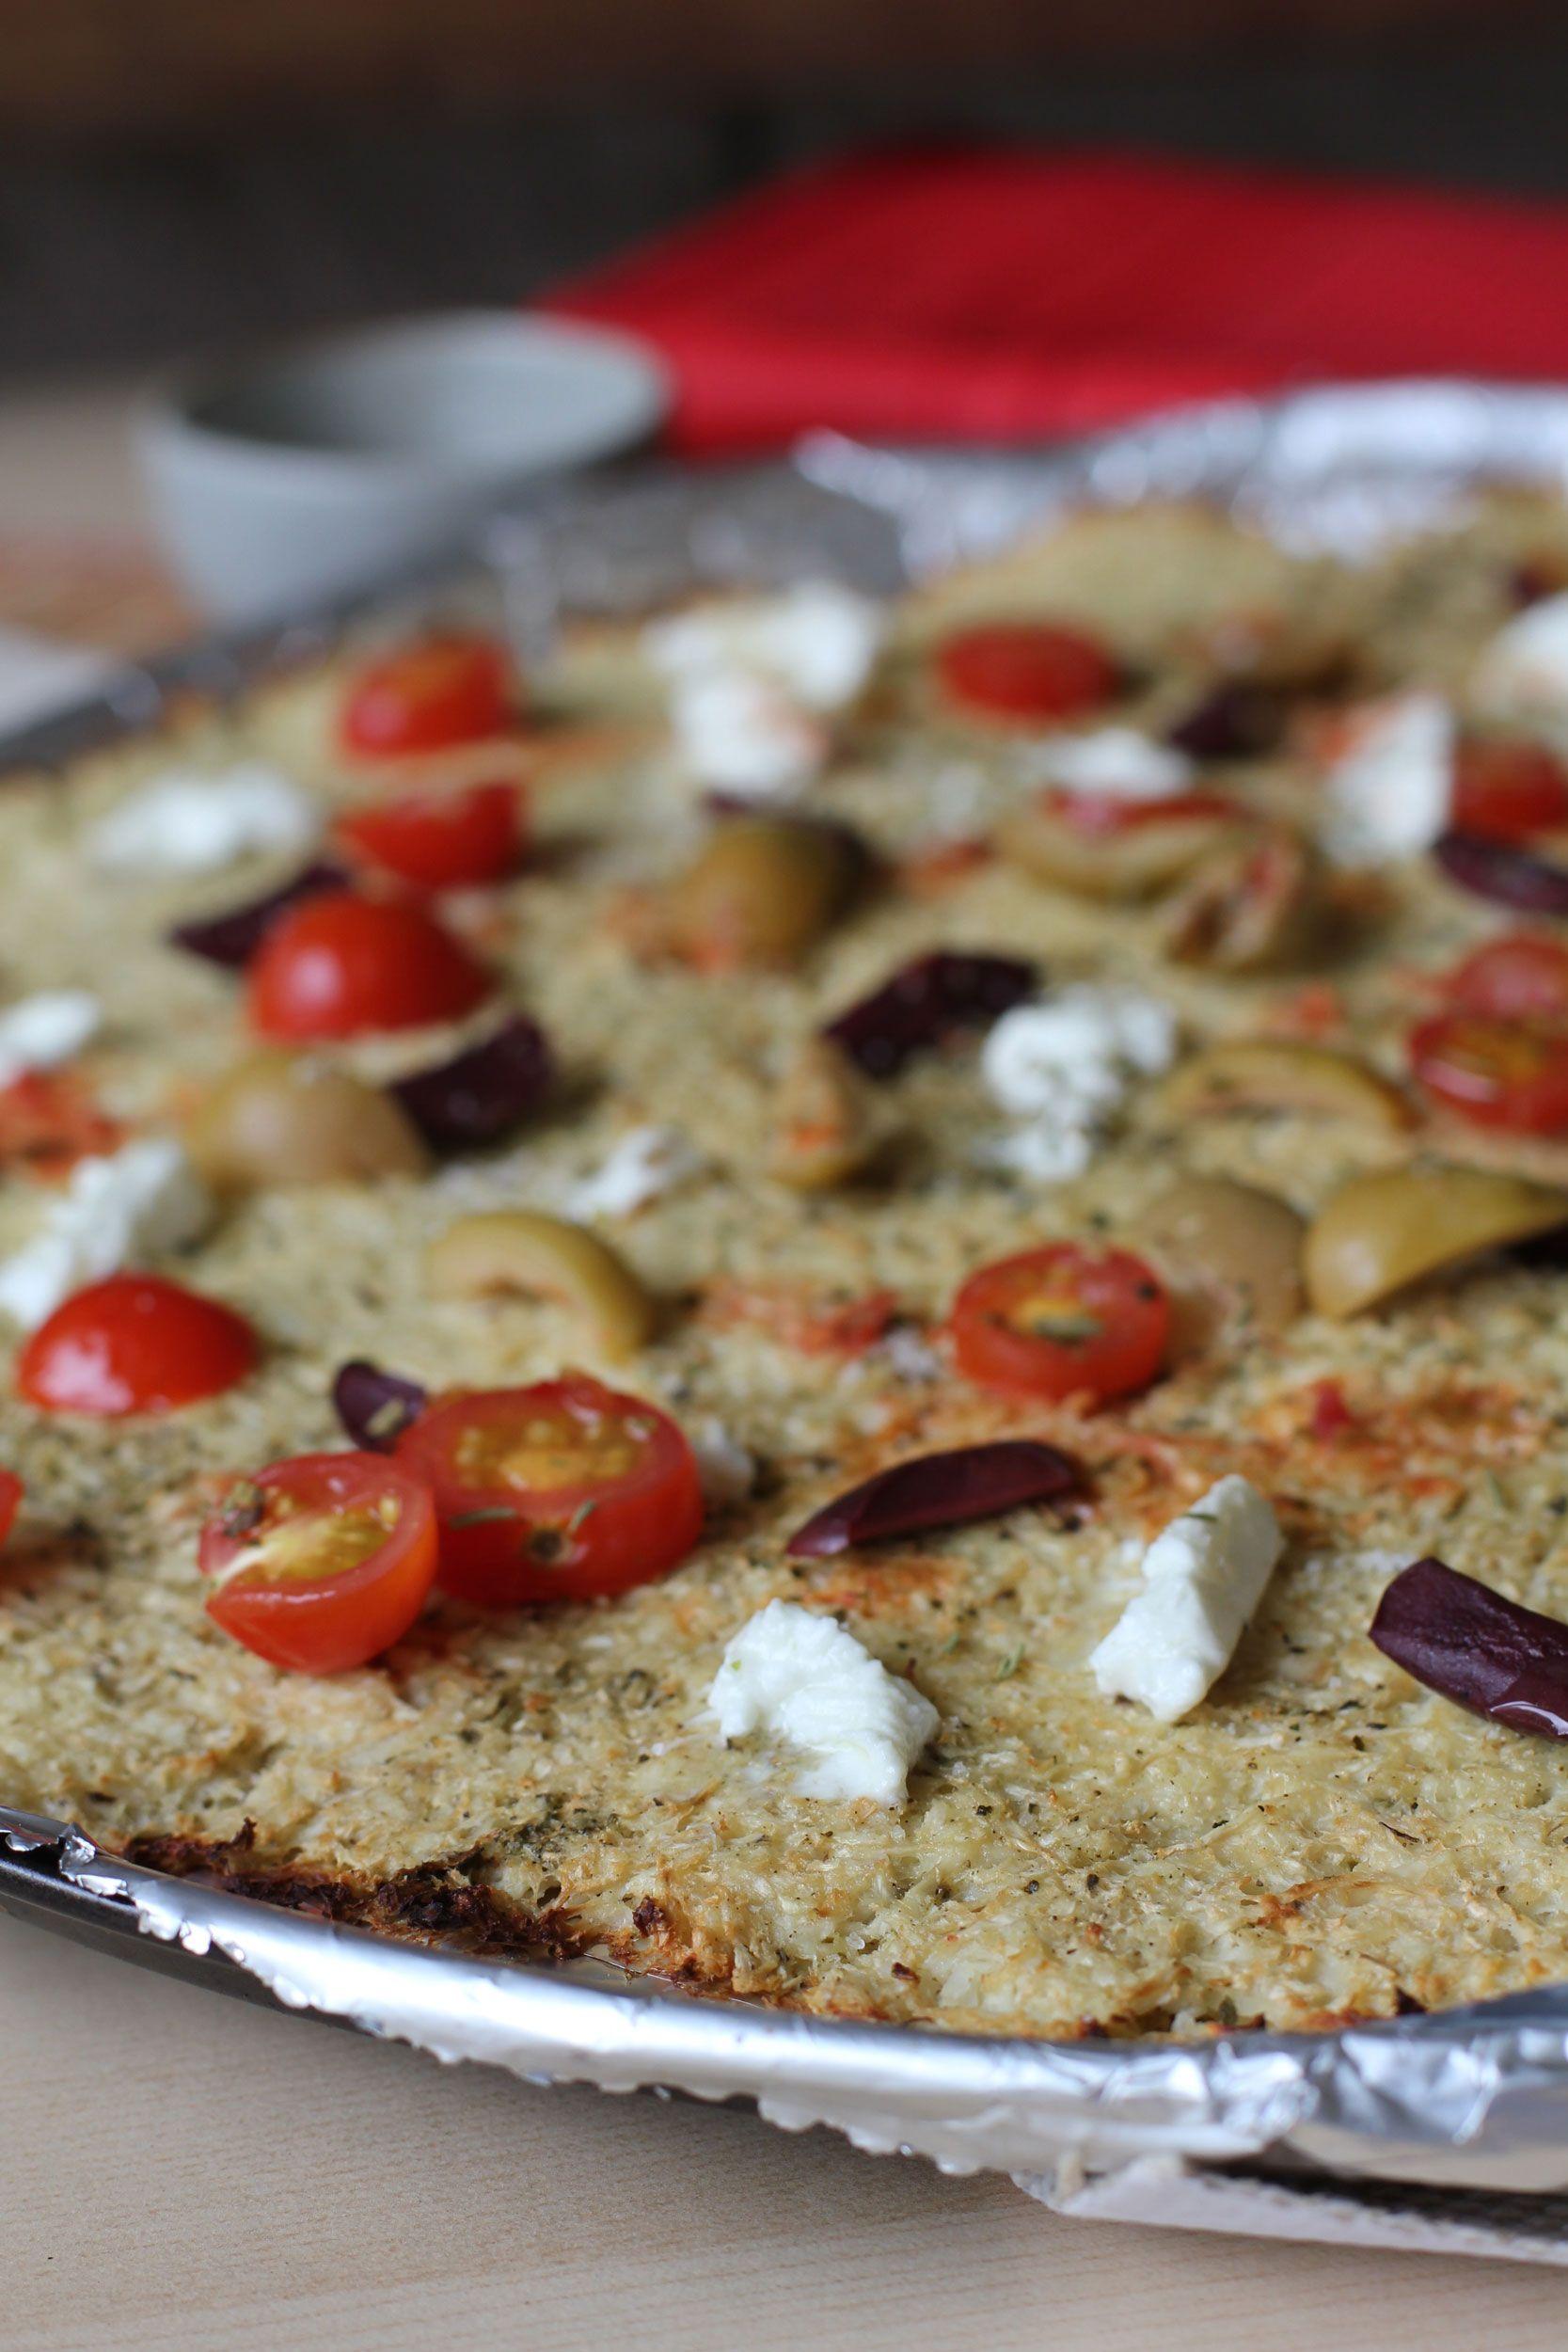 Tasty thursday cauliflower pizza recipe exercises for women tasty thursday cauliflower pizza recipe exercises for women female fitness by flavia del monte forumfinder Gallery